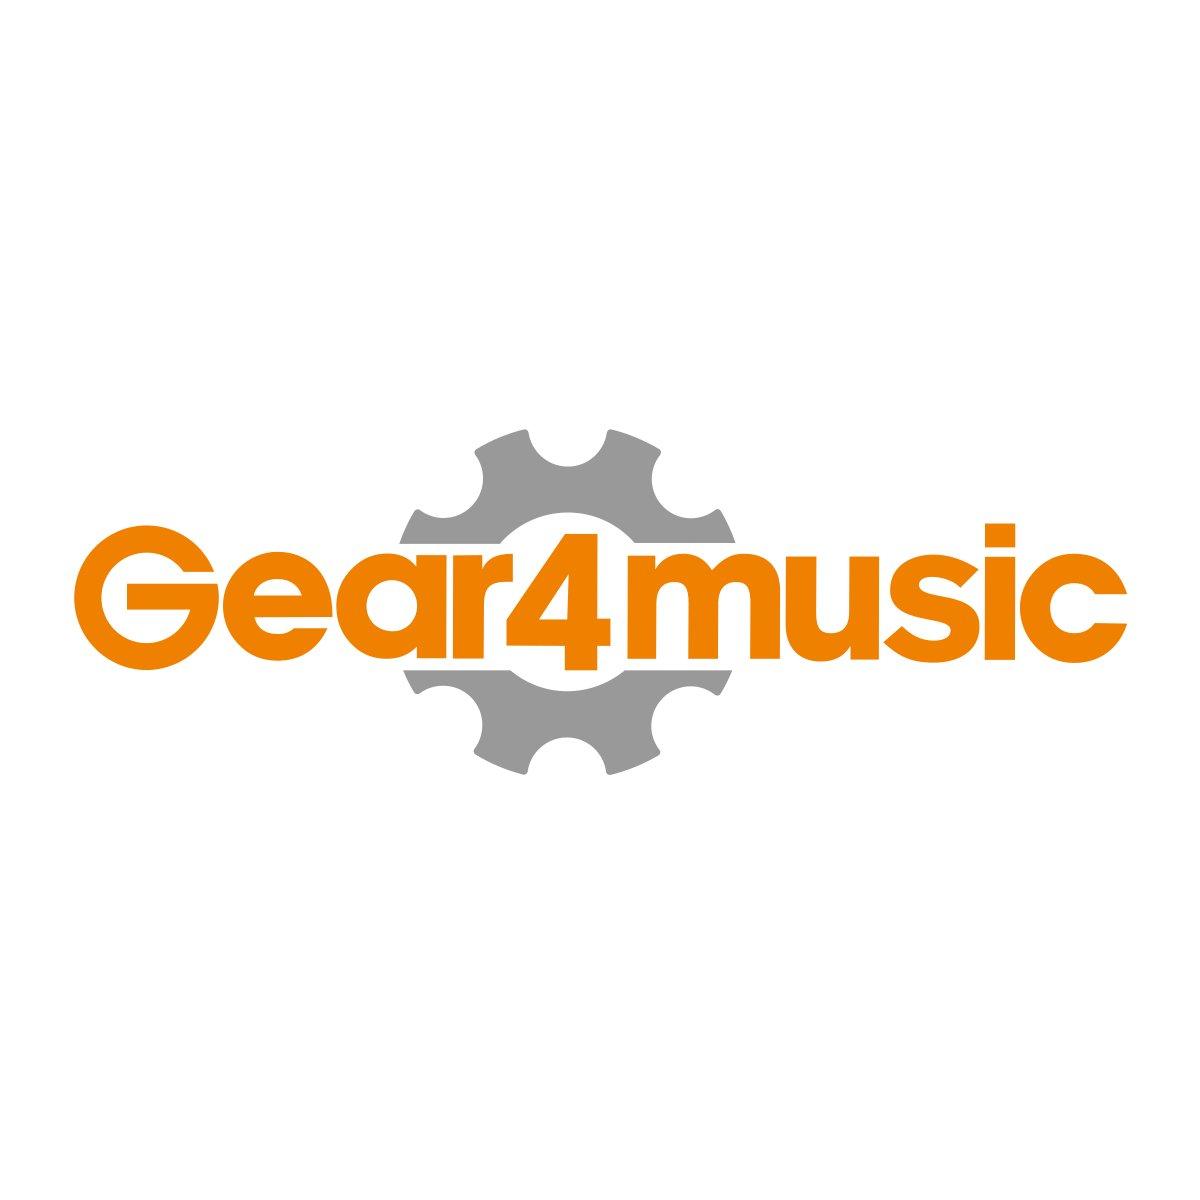 D'Addario NYXL Electric Guitar Strings .011 - .049, 3 Pack